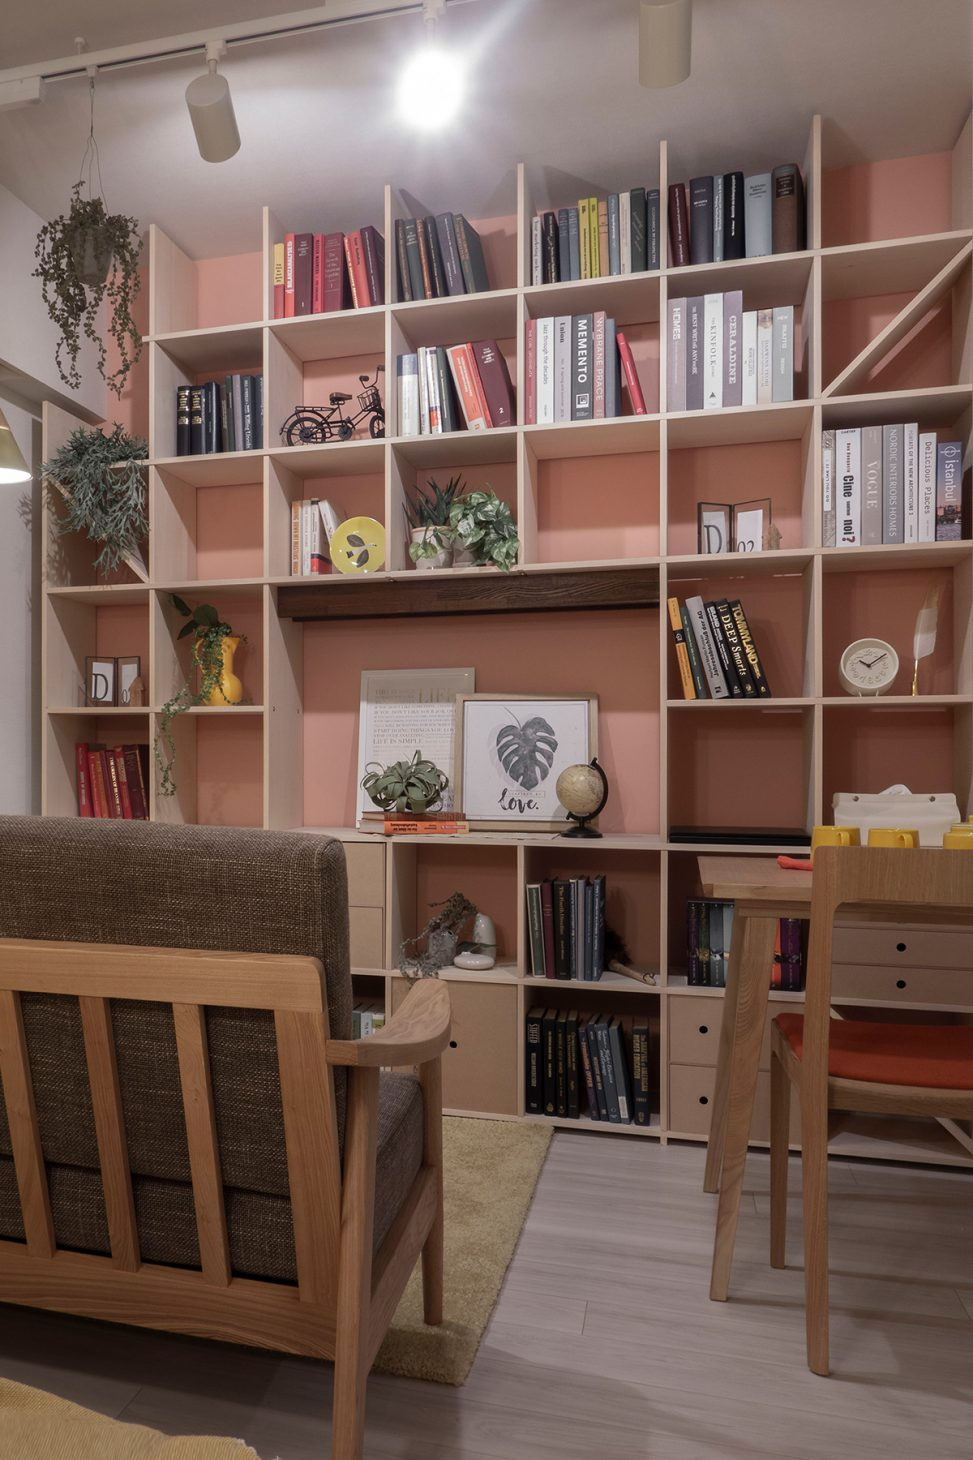 戸建て住宅のモデルルームに | 開口部のある本棚 / Shelf (No.08) | マルゲリータ使用例